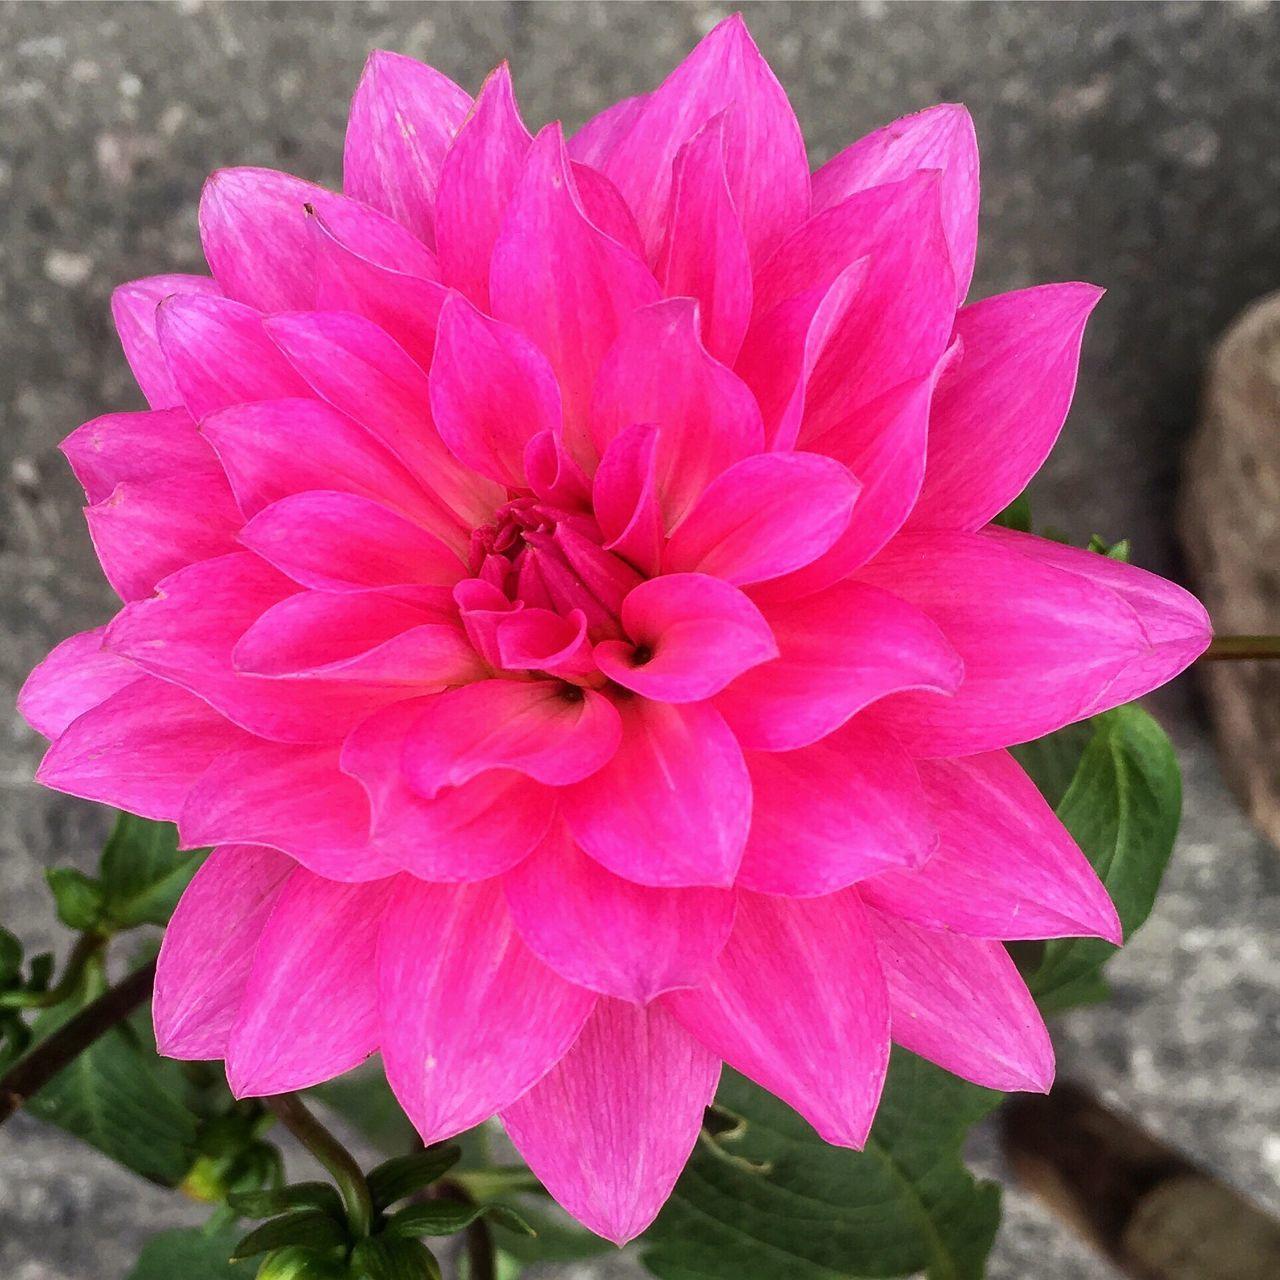 Millennial Pink Nature Flower